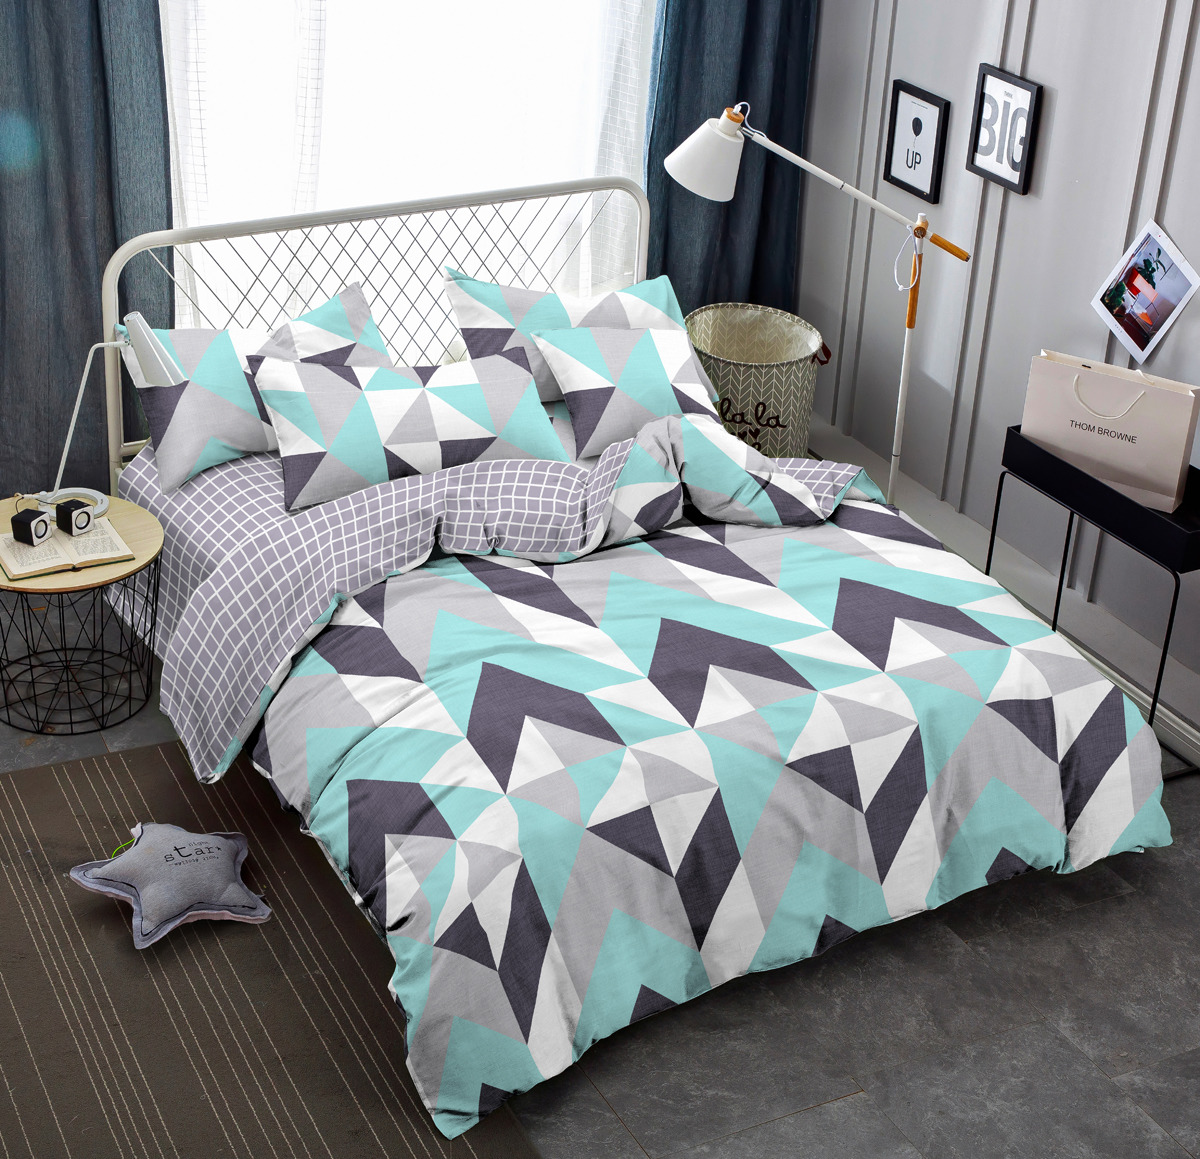 Комплект постельного белья Amore Mio Gold Kvint, 2-спальный, наволочки 70x70